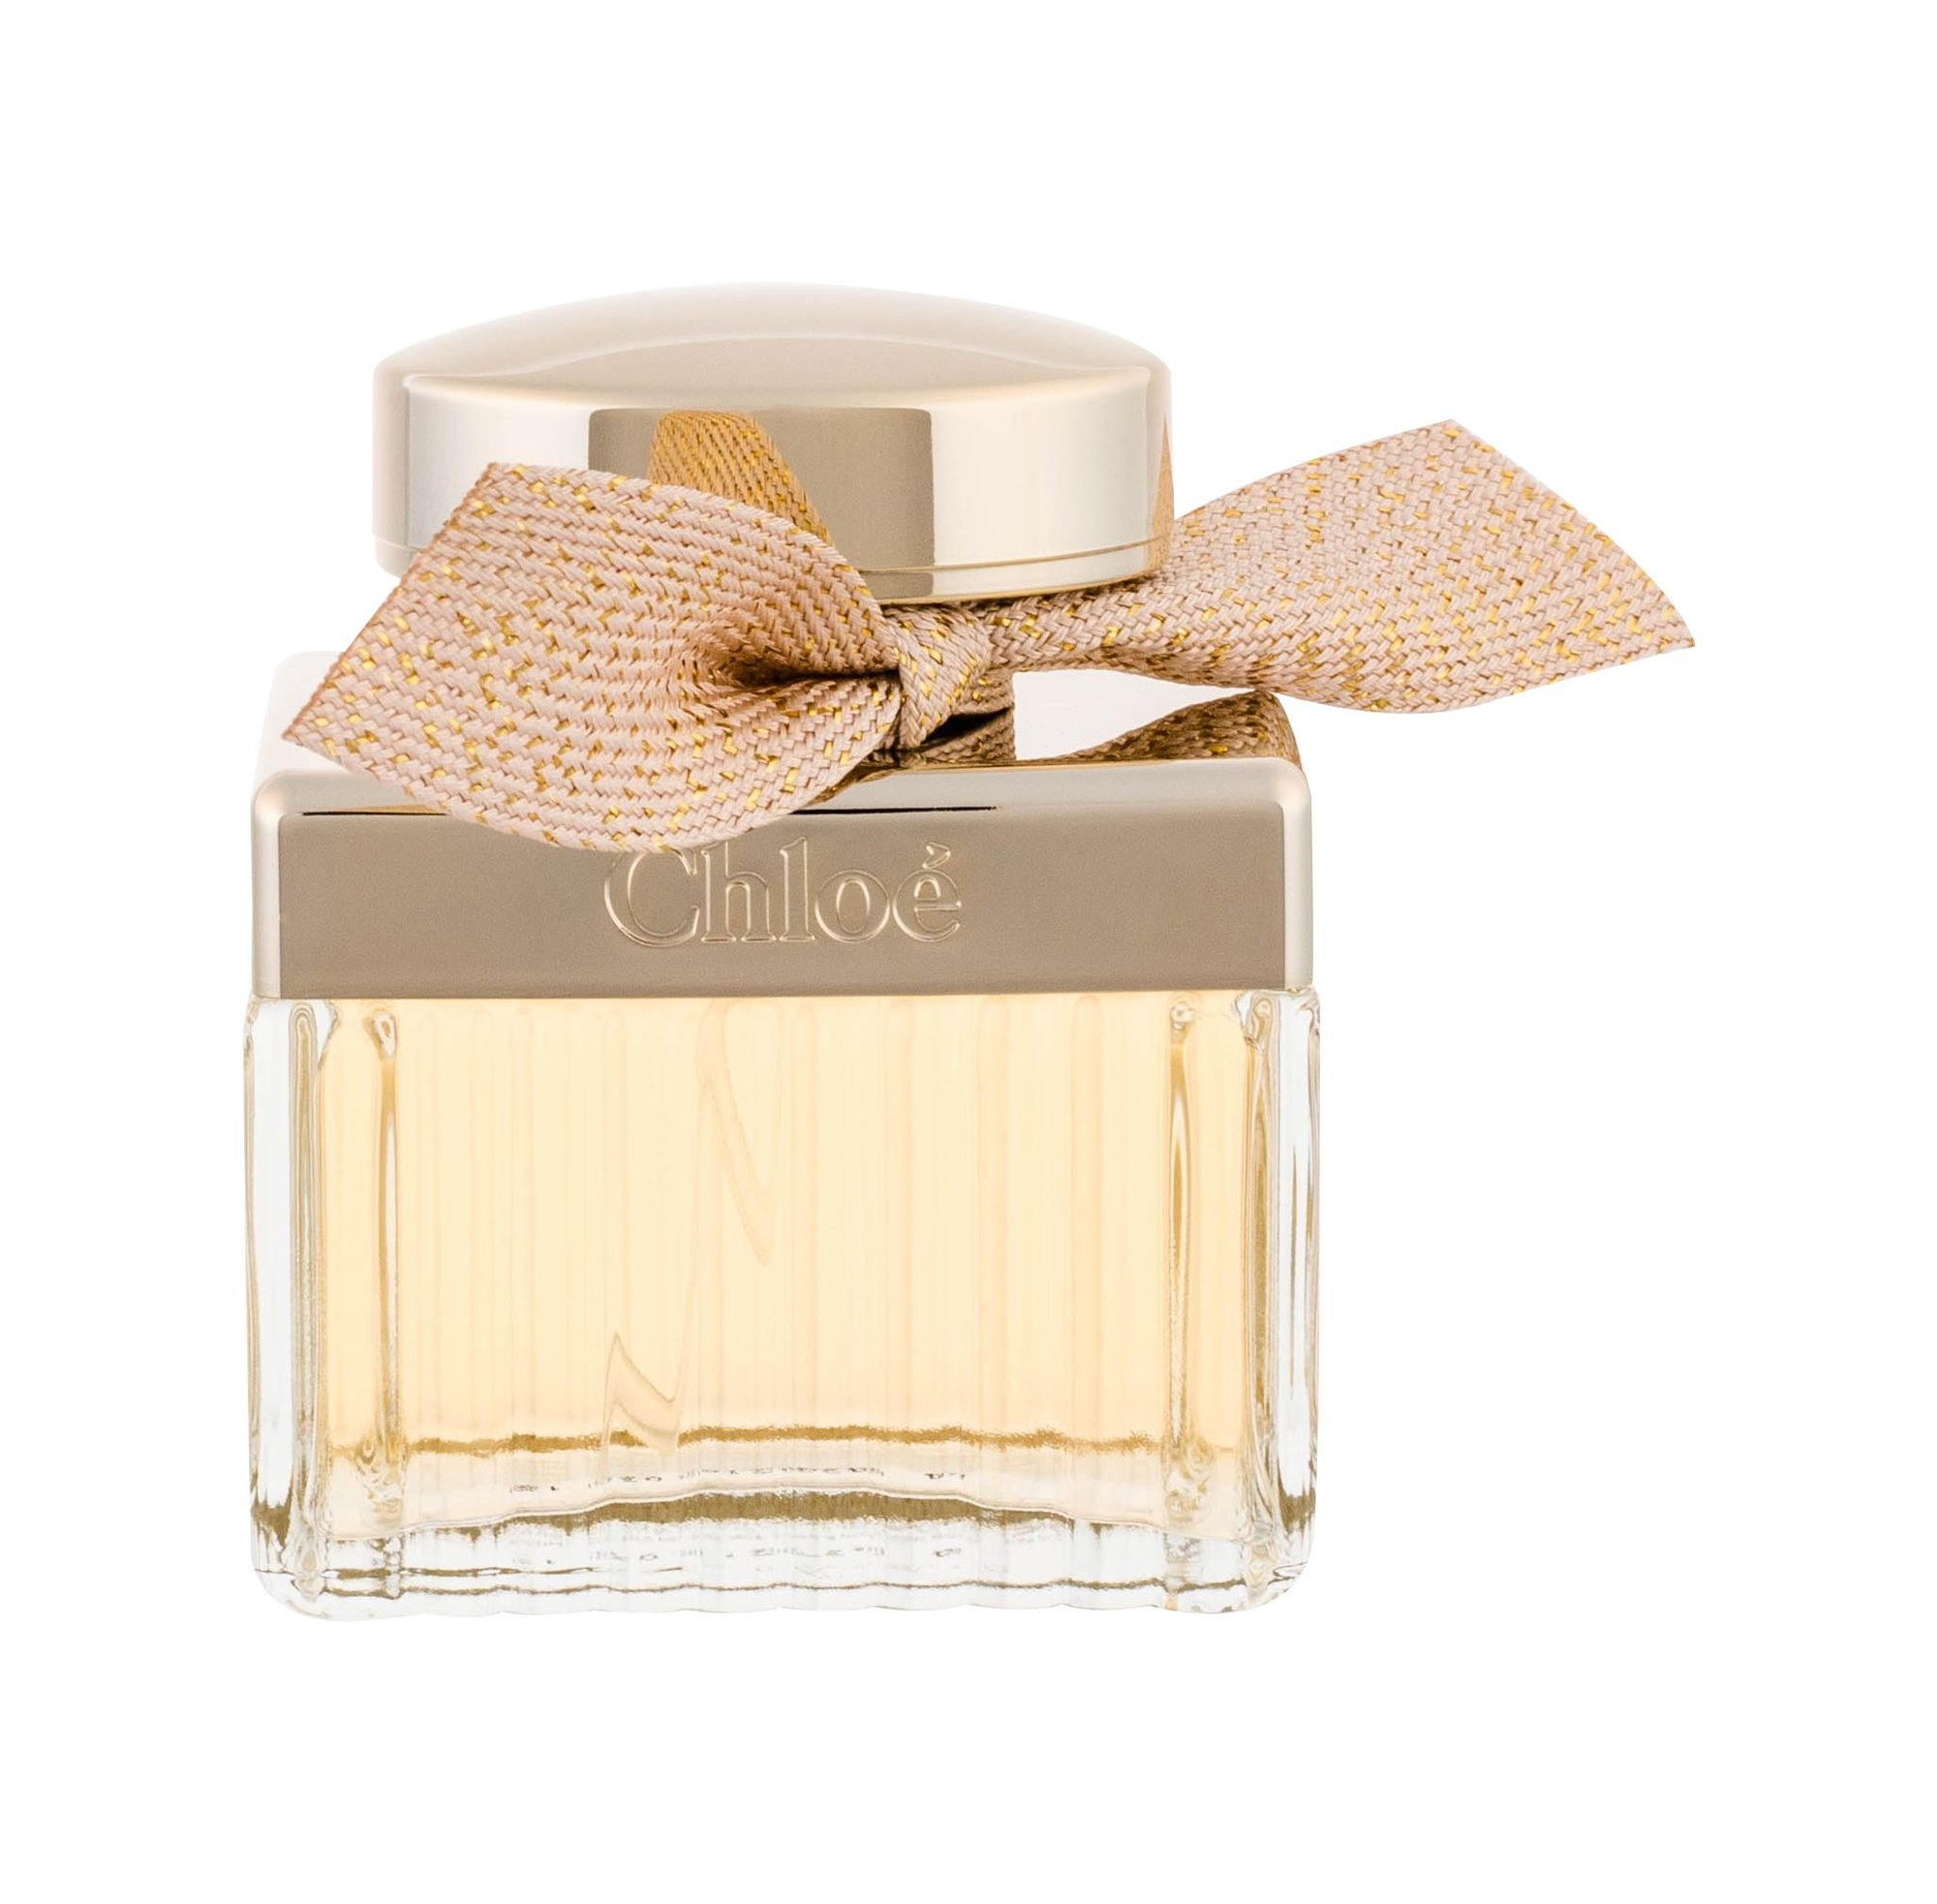 Chloe Chloe Eau de Parfum 50ml